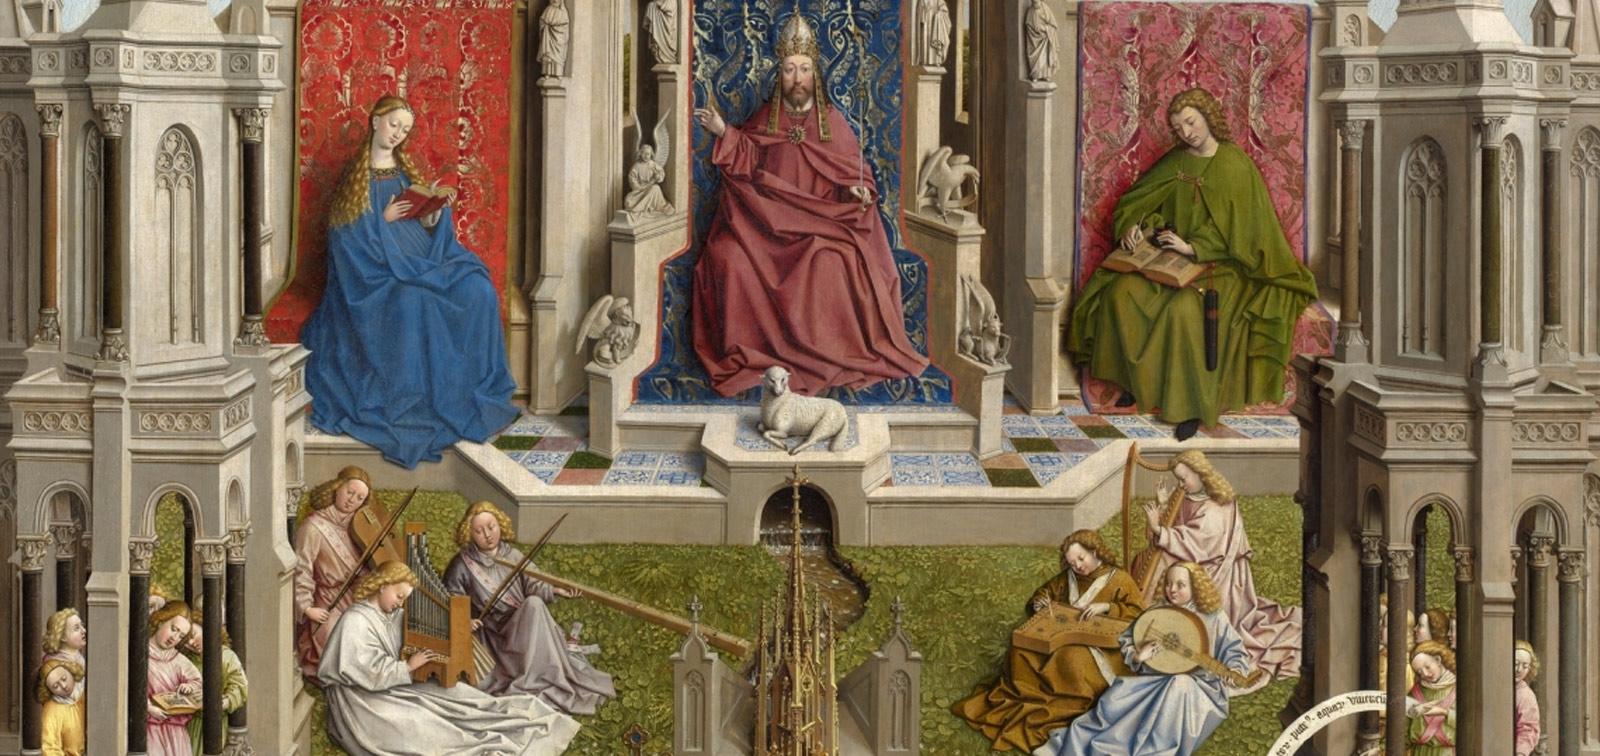 <em>La Fuente de la Gracia. Una tabla del entorno de Jan van Eyck</em>